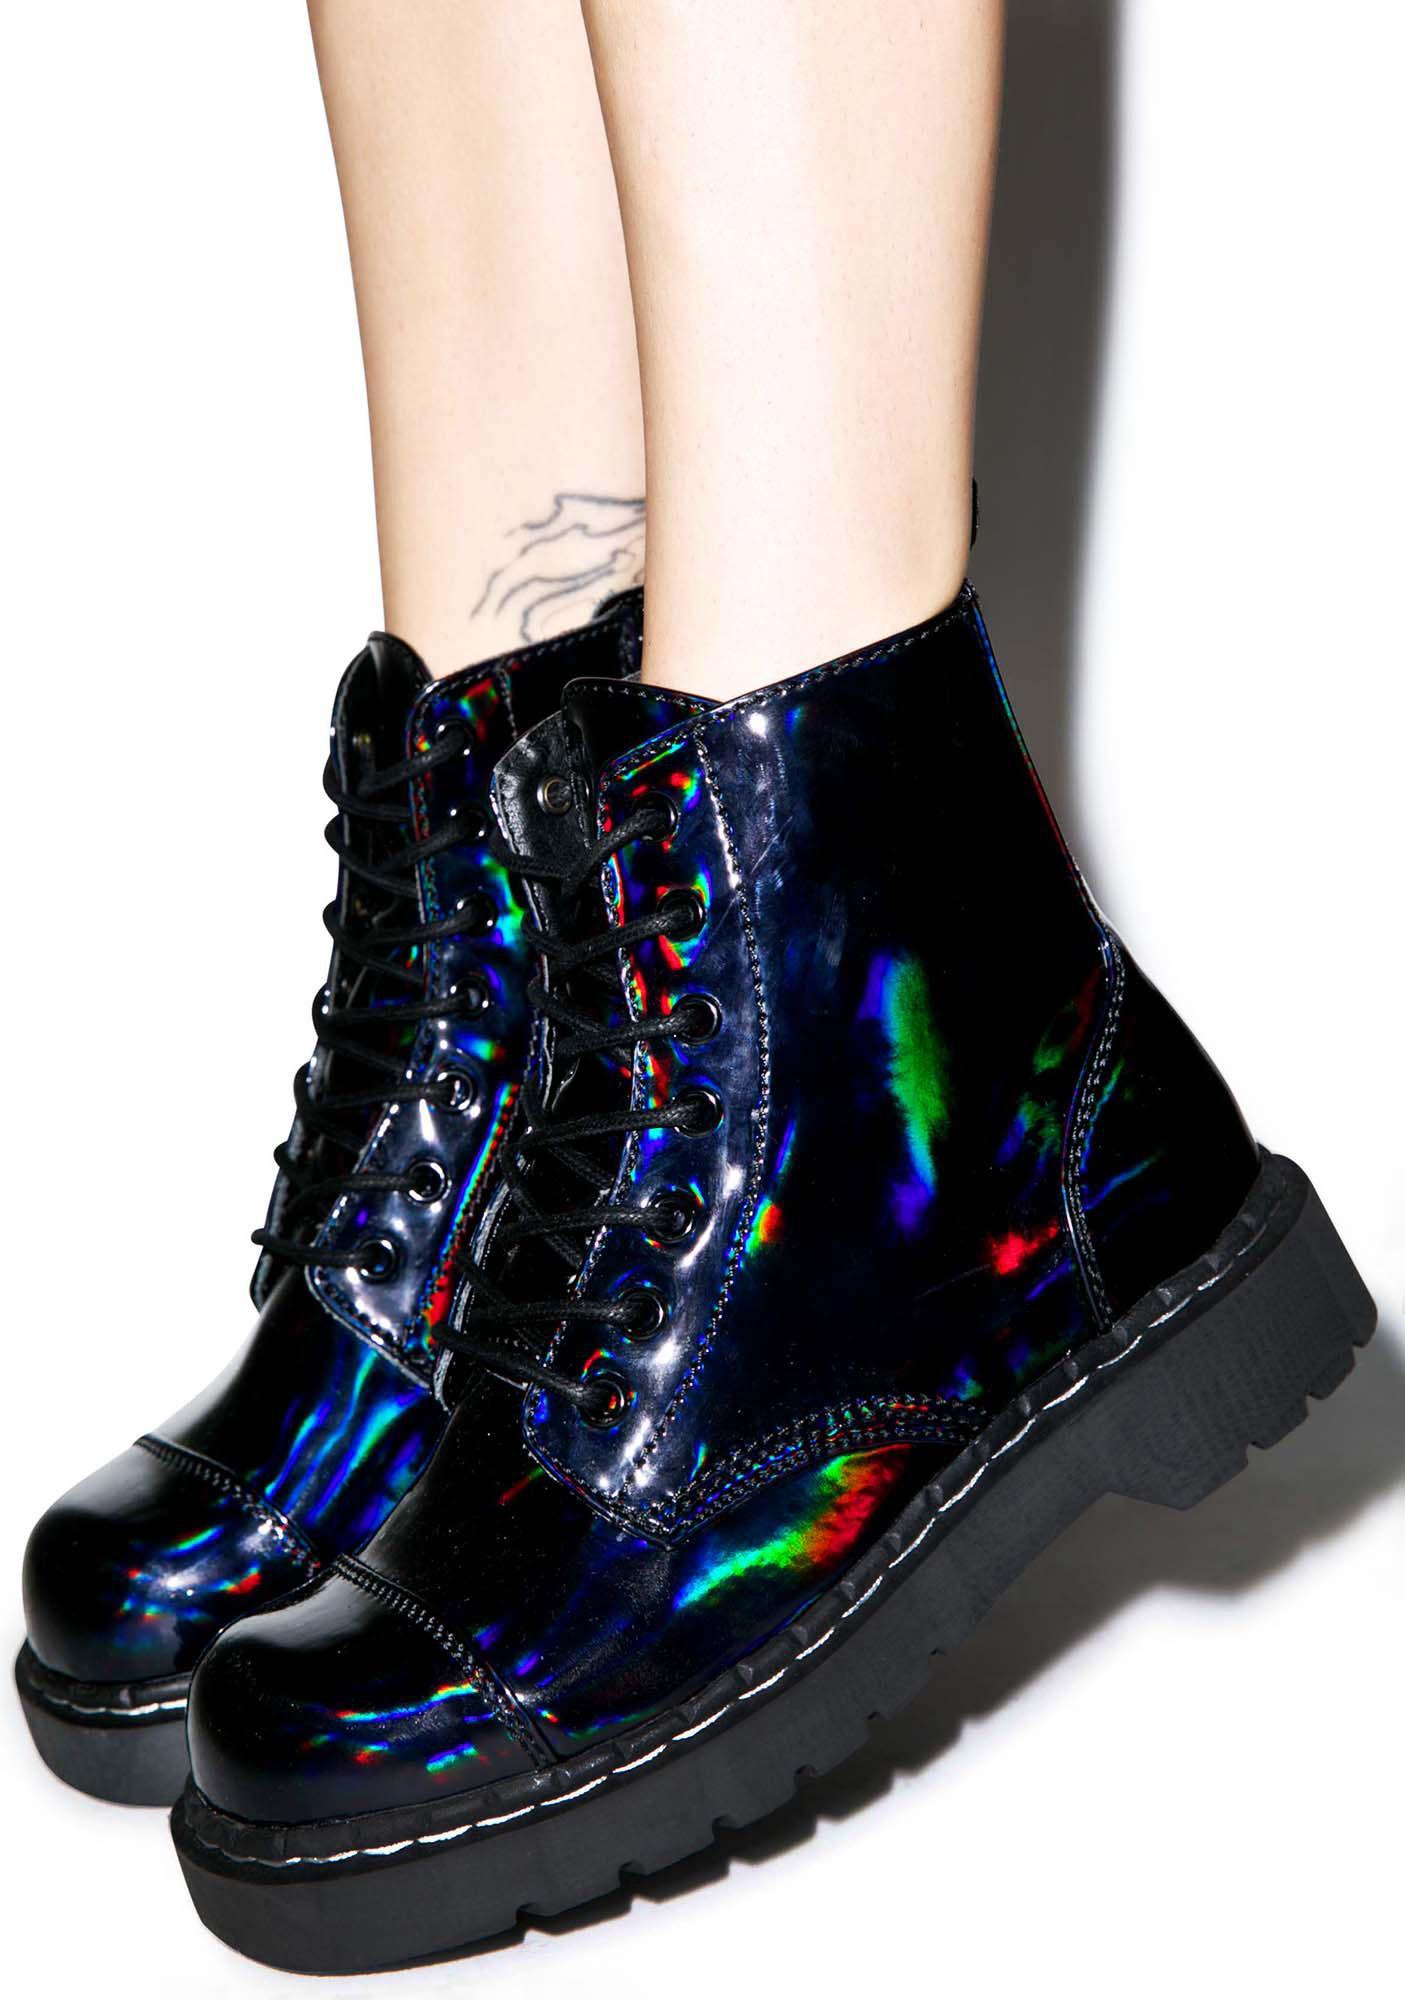 T.U.K. Dark Iridescent Anarchic 7 Eye Boots